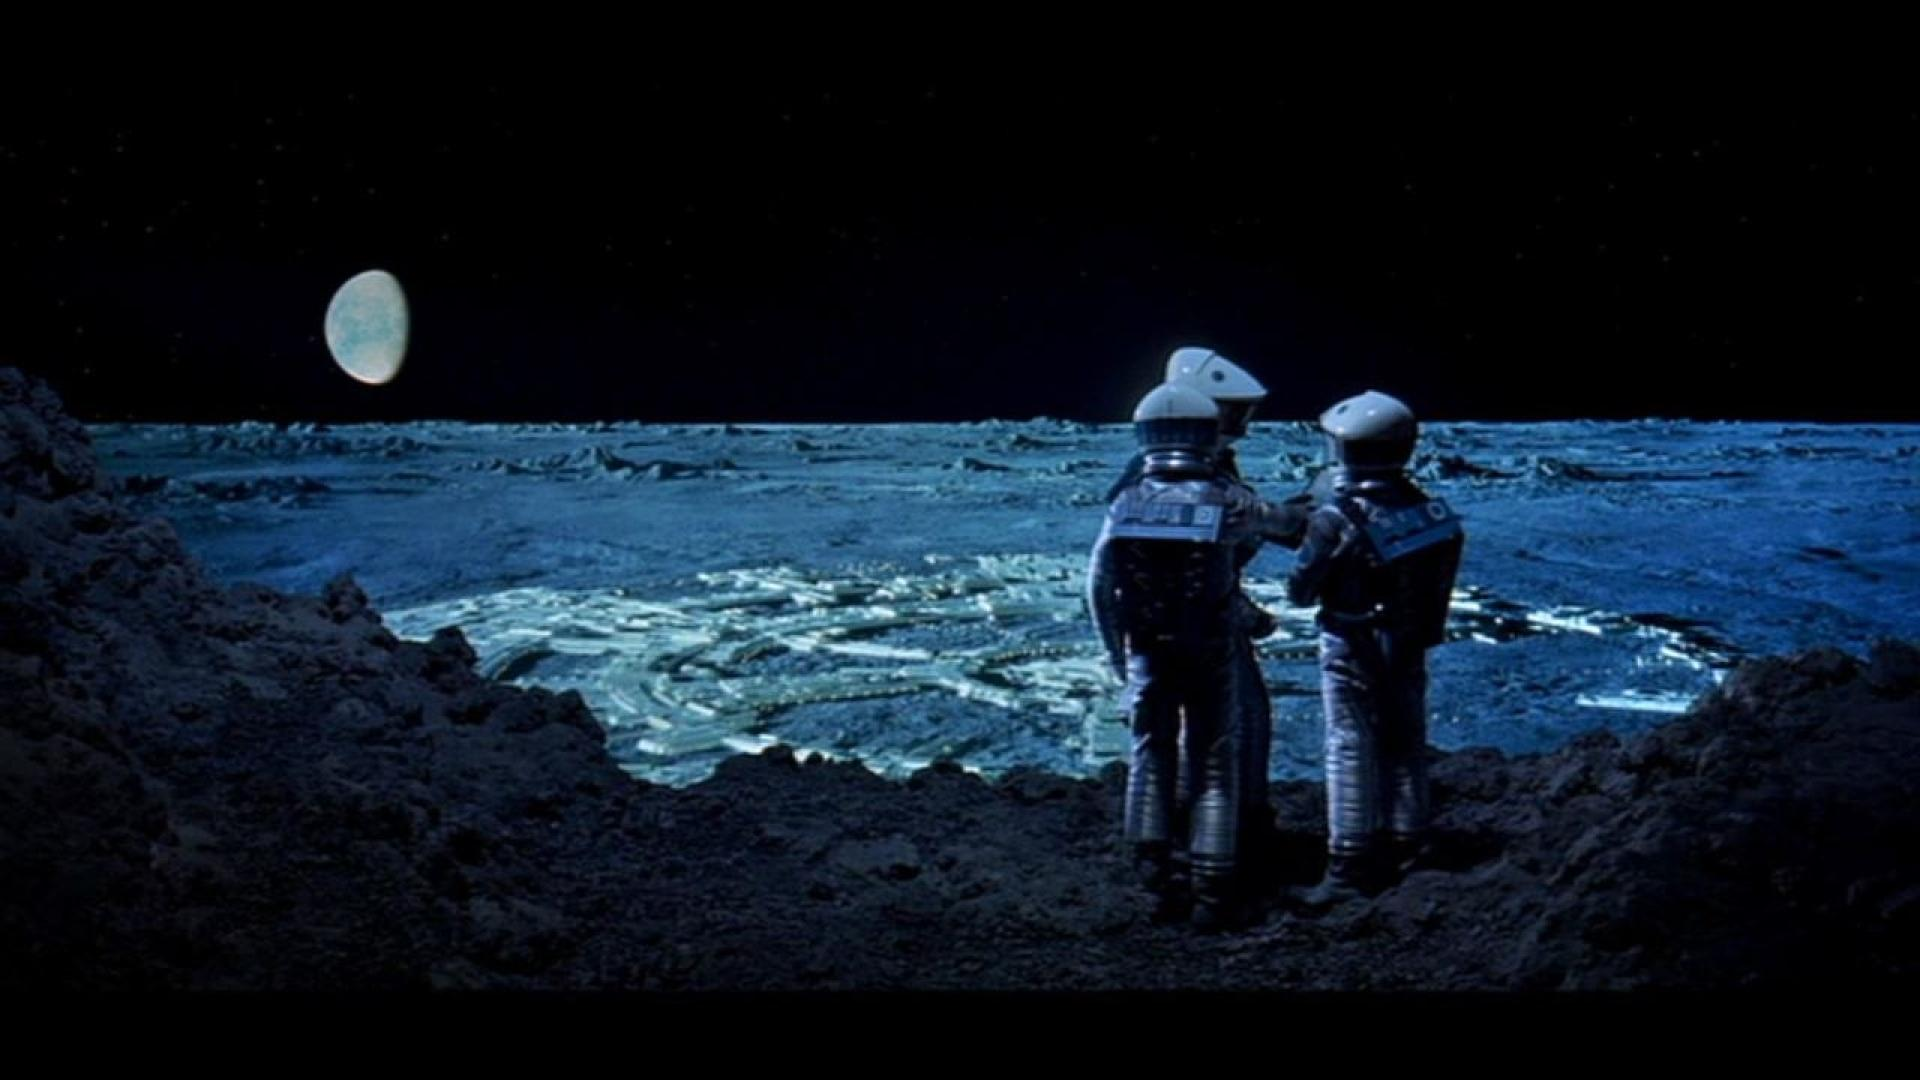 moon base wallpaper - photo #44